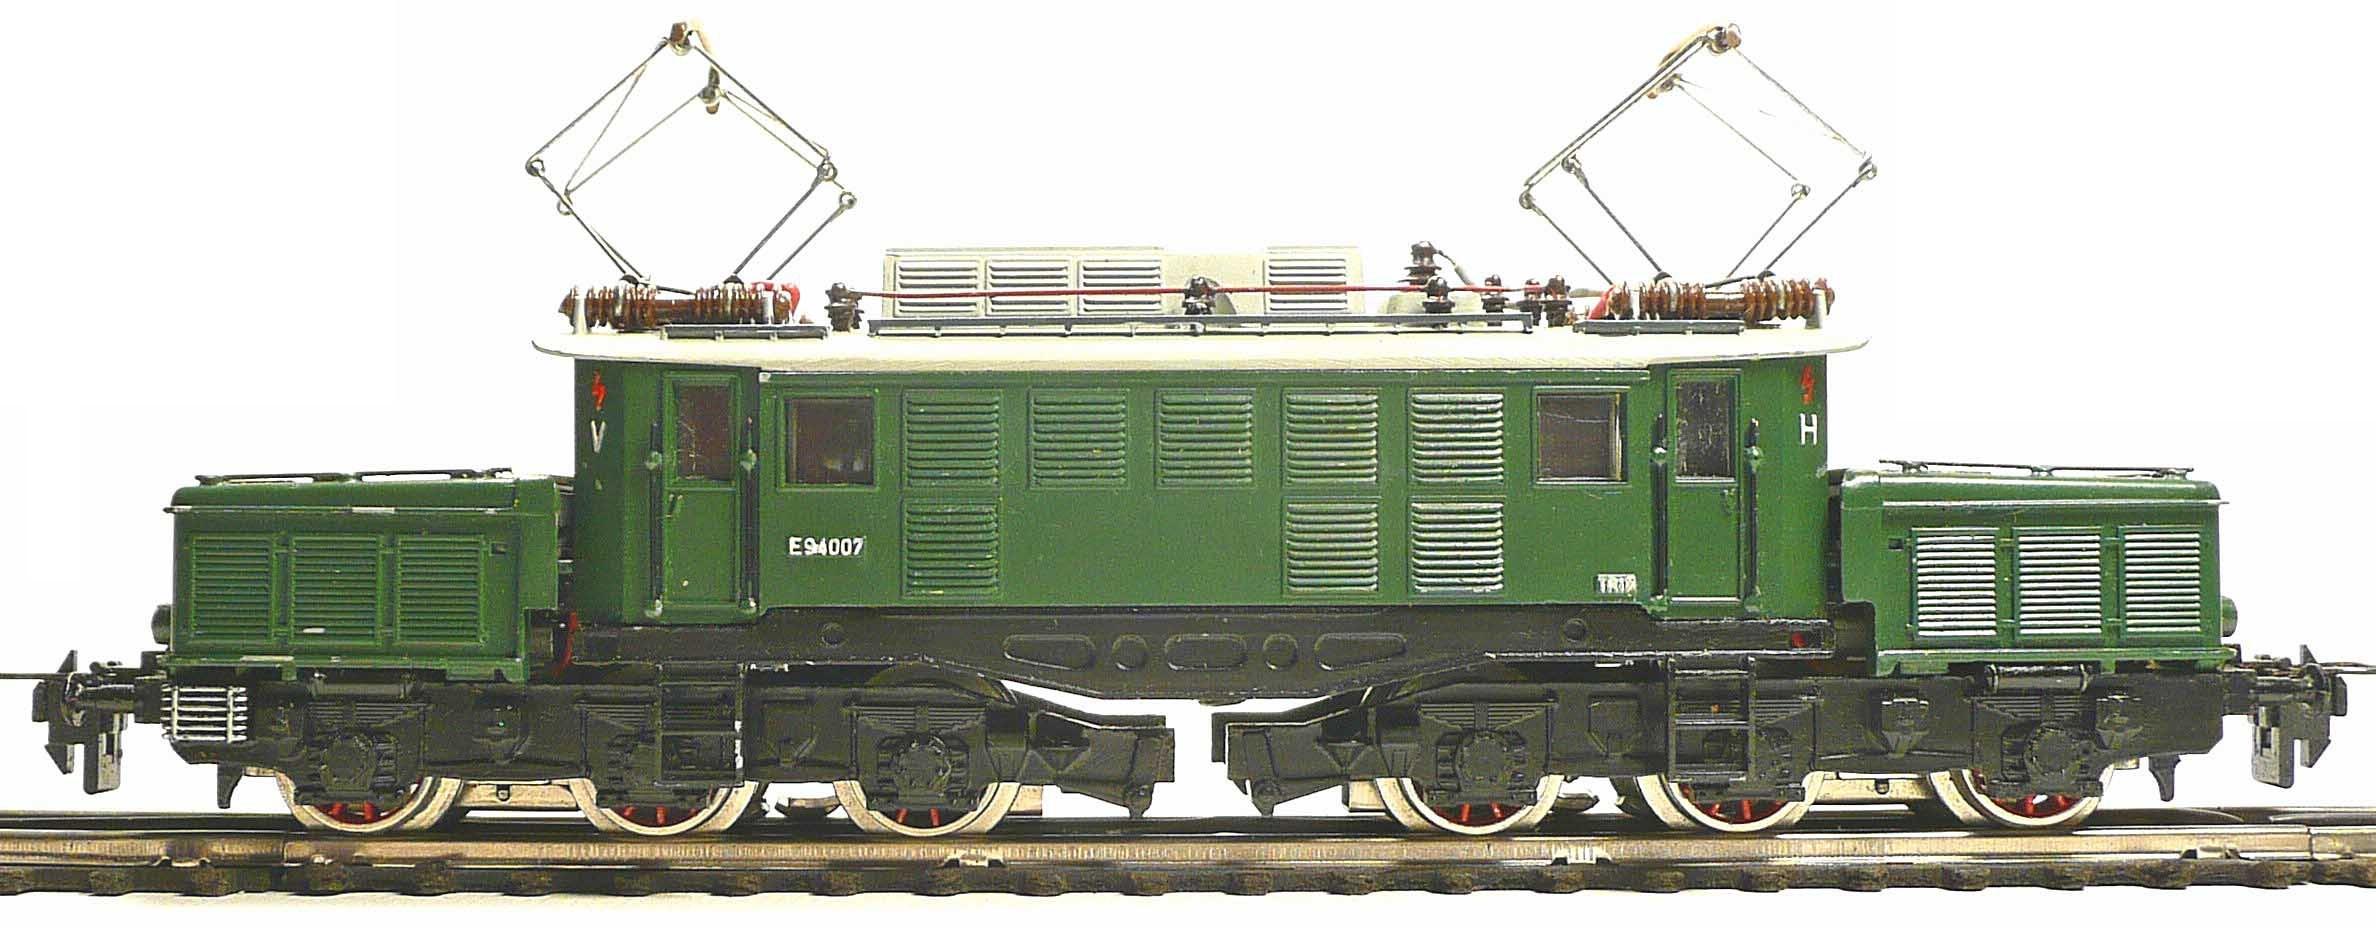 Modellbahn E94 Trix Express: http://trix.tritthart.net/E94.html